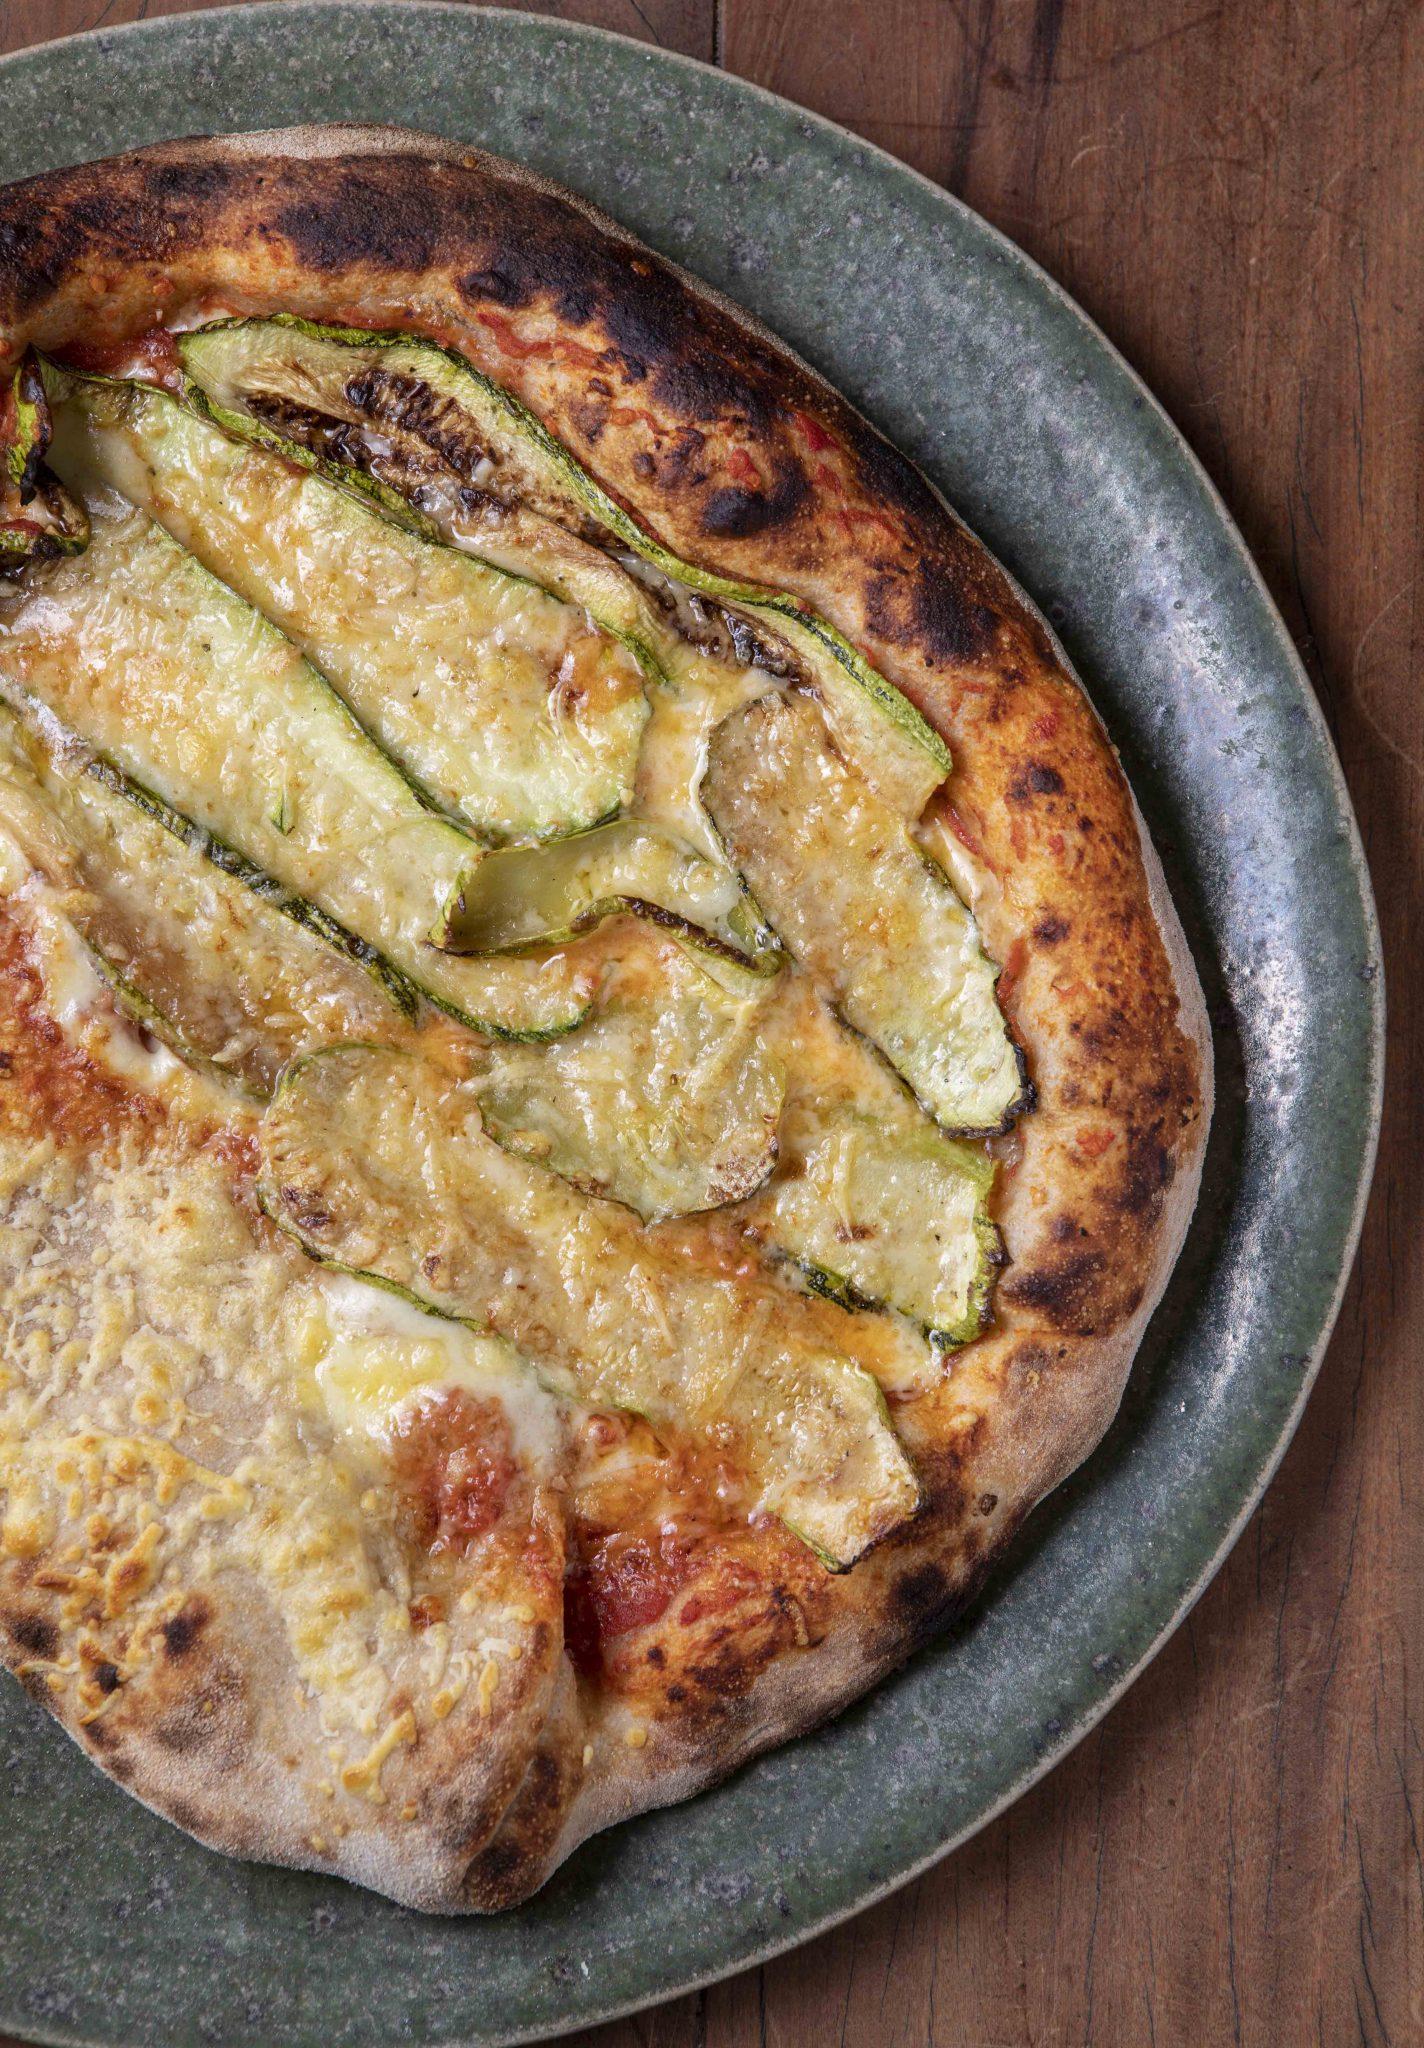 Bráz Pizzaria apresenta espumante próprio e nova receita vegana